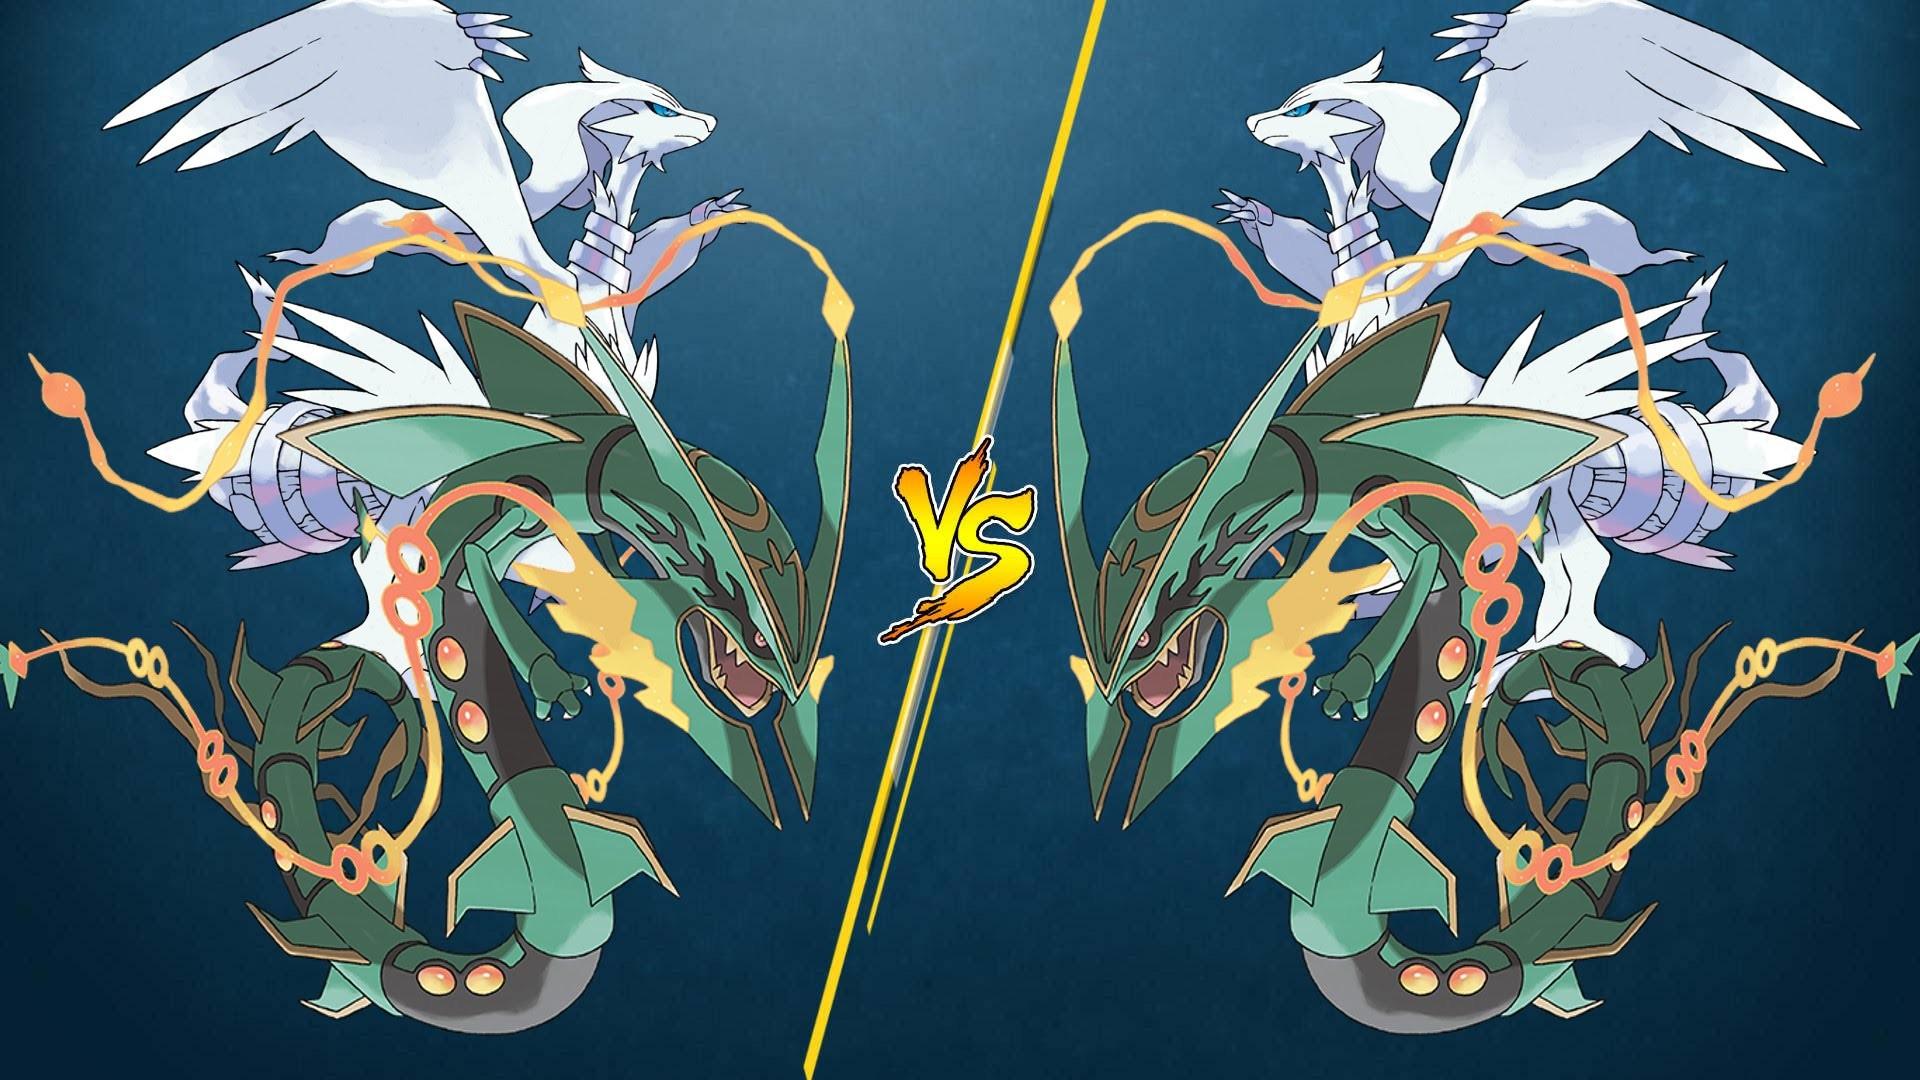 [PTCGO Stream Match] M Rayquaza/Reshiram vs M Rayquaza/Reshiram – YouTube